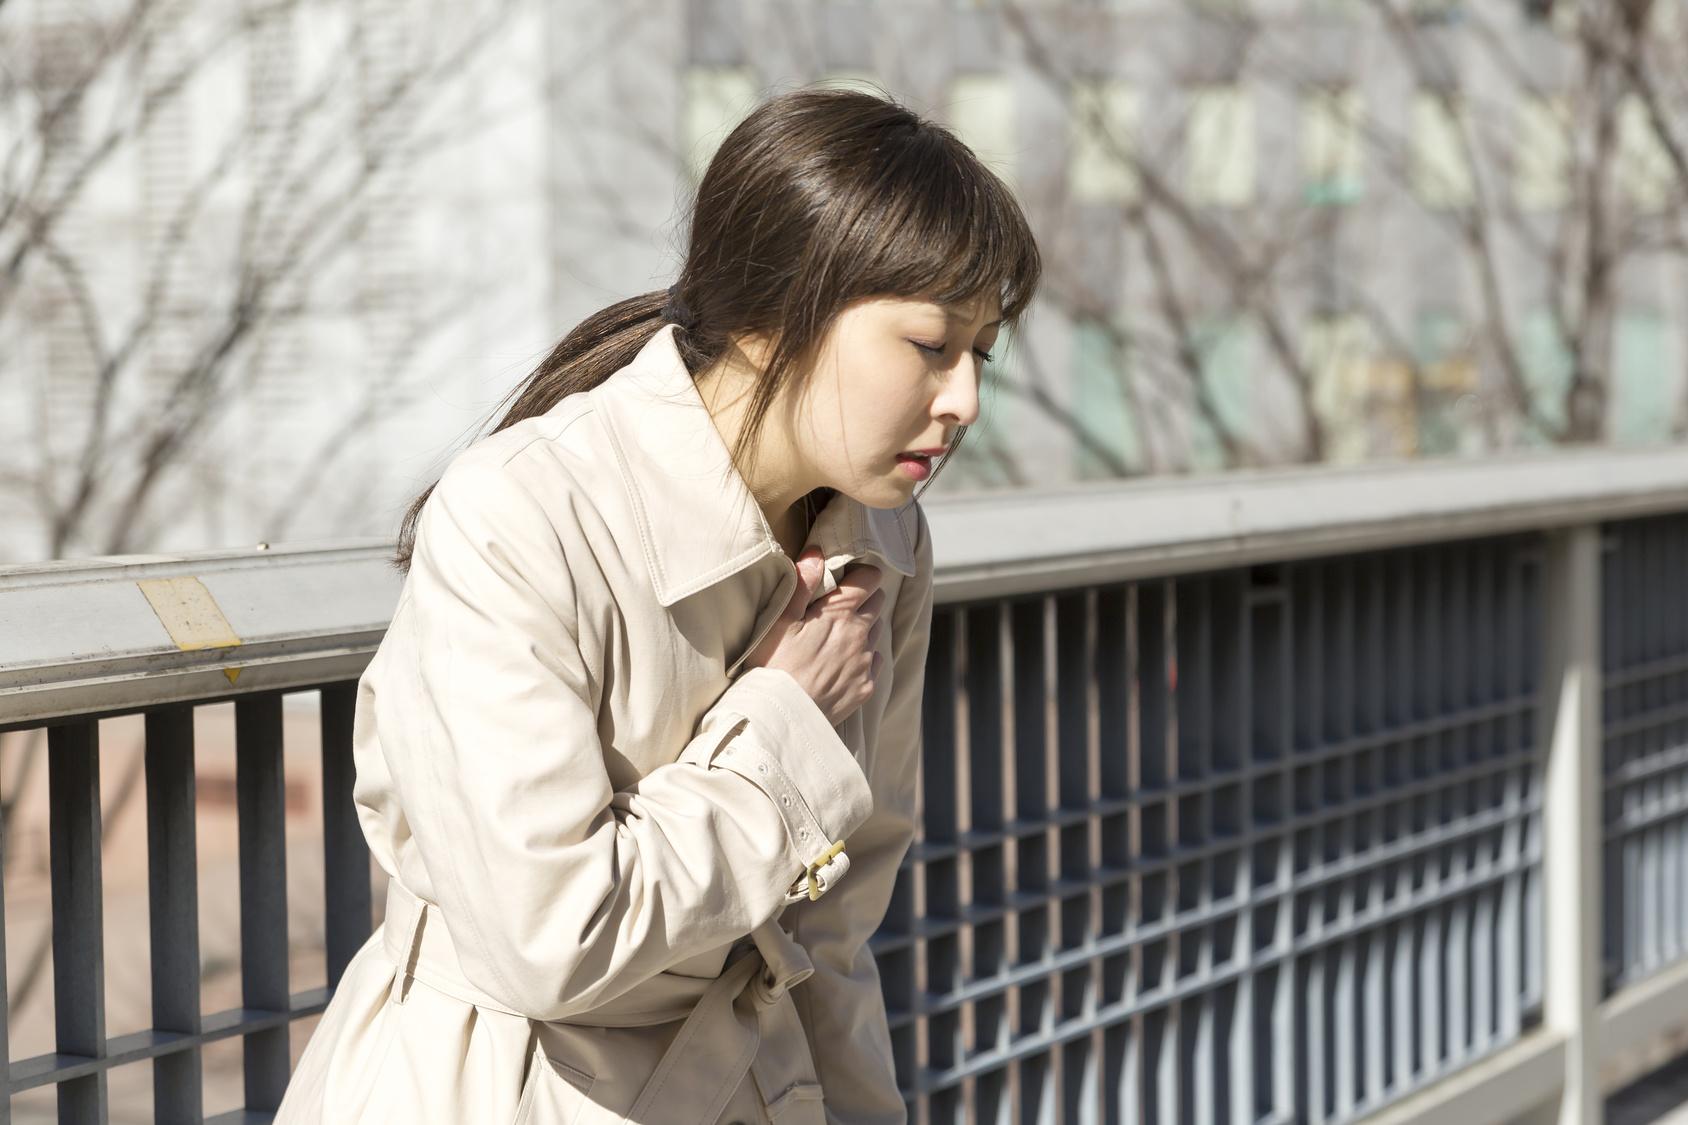 狭心症には心臓カテーテル治療?冠動脈バイパス手術?どんな治療?